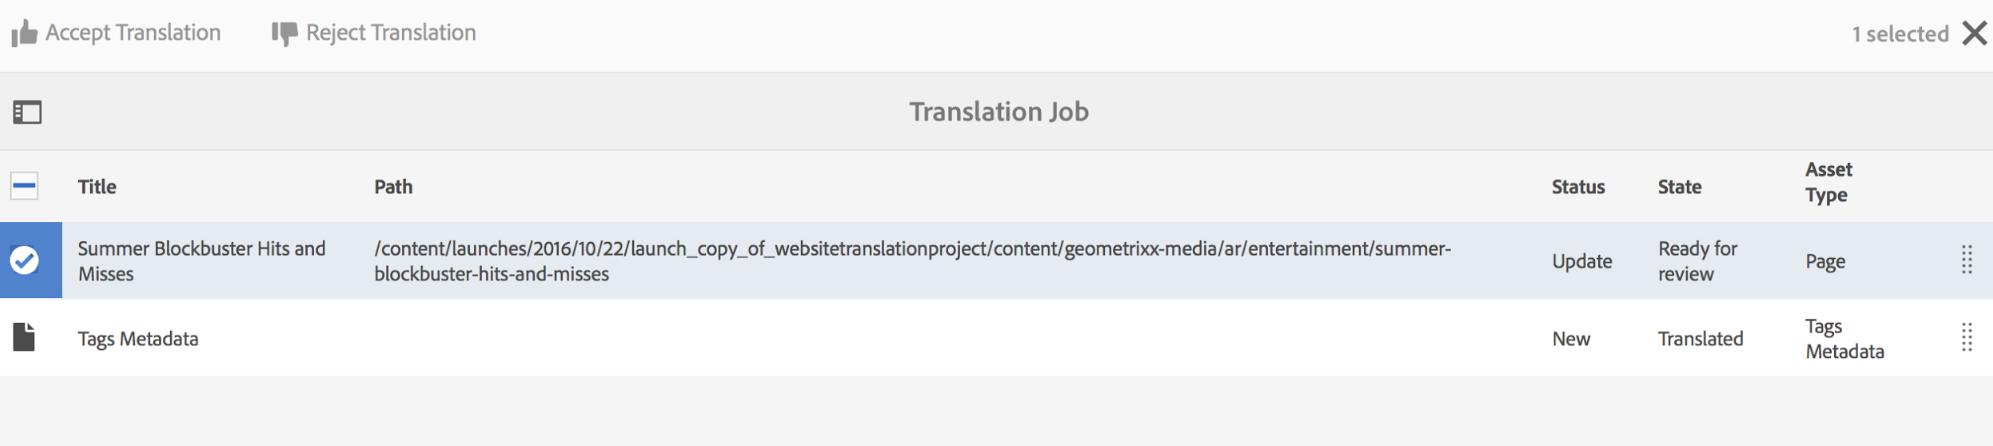 Translation Workflow